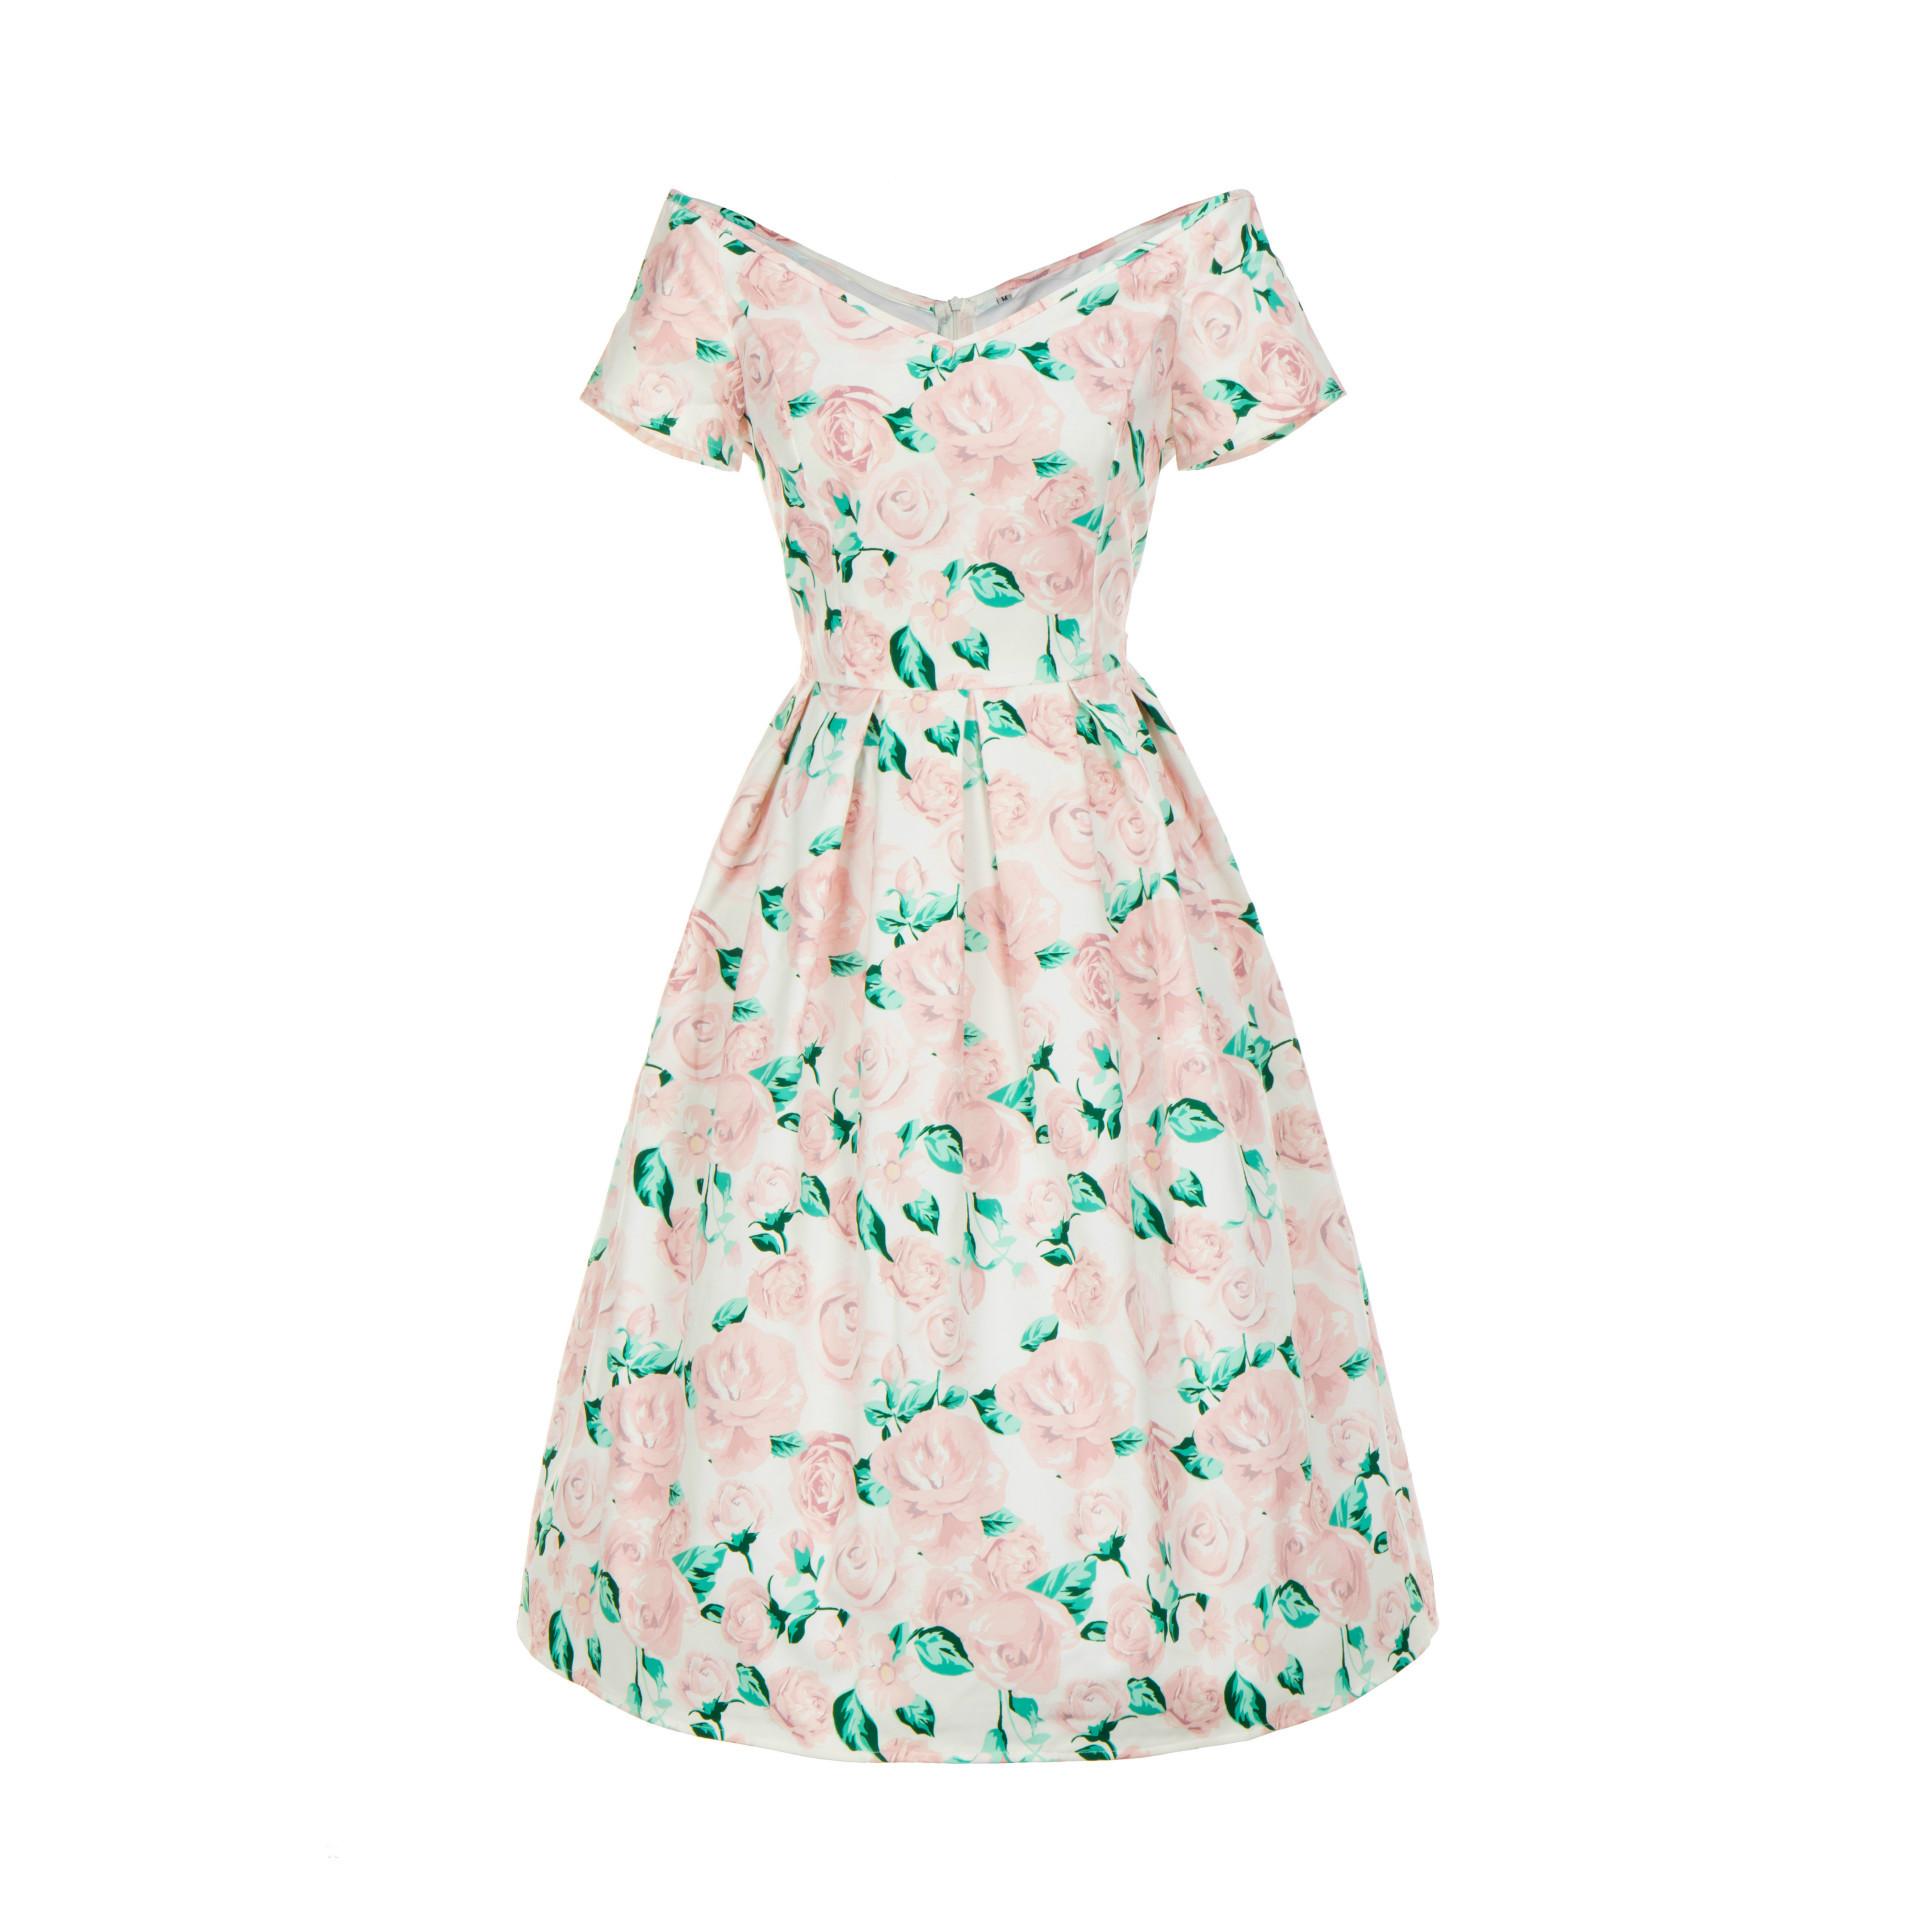 7147跨境女装2019年新款印花复古优雅印花收腰修身显瘦大摆连衣裙